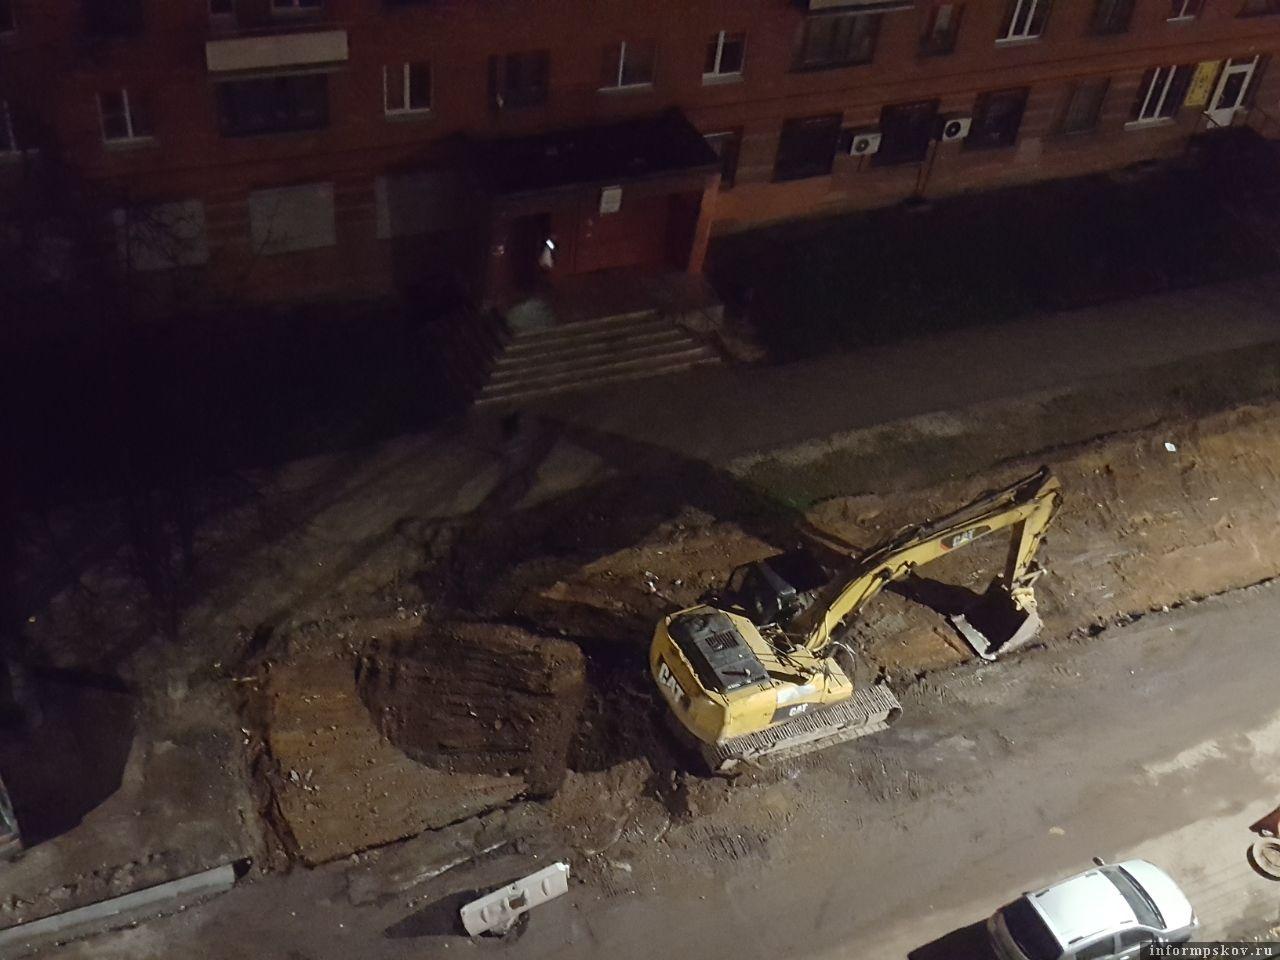 Фото из сообщества «Инцидент Псков»